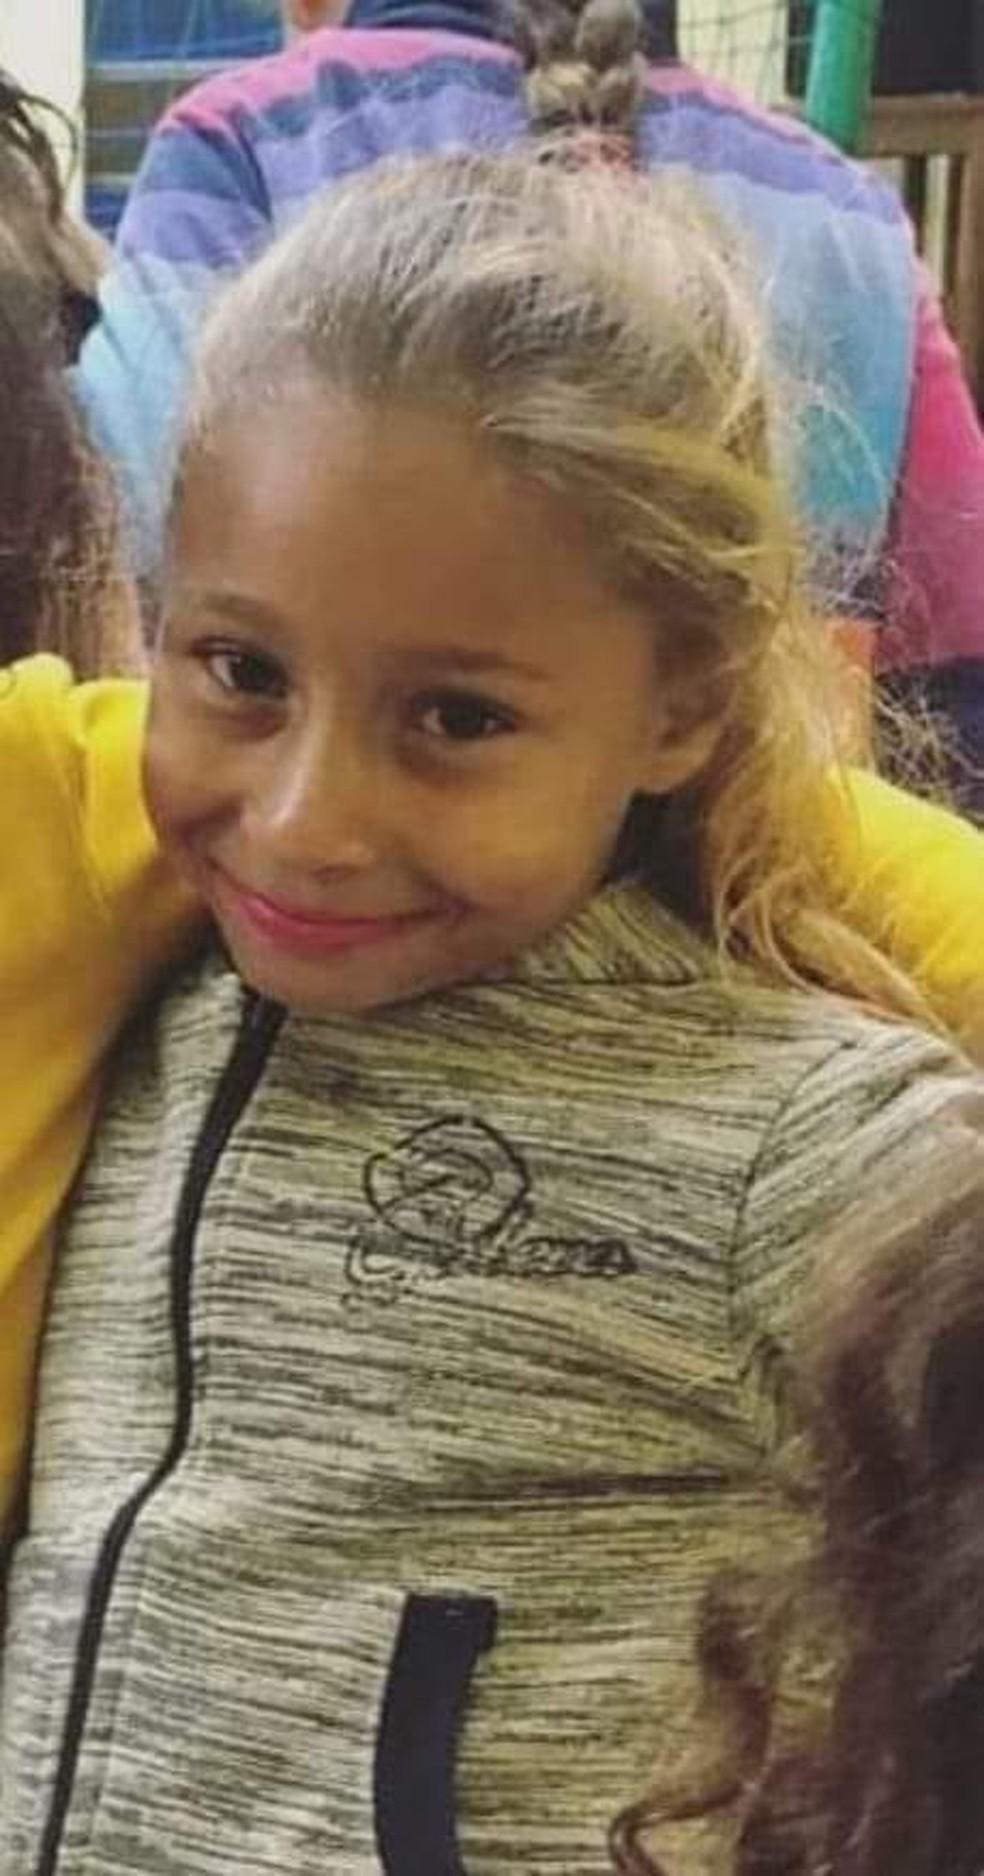 Emanuelle foi encontrada morta em área rural após desaparecer enquanto brincava em praça em Chavantes — Foto: Arquivo pessoal